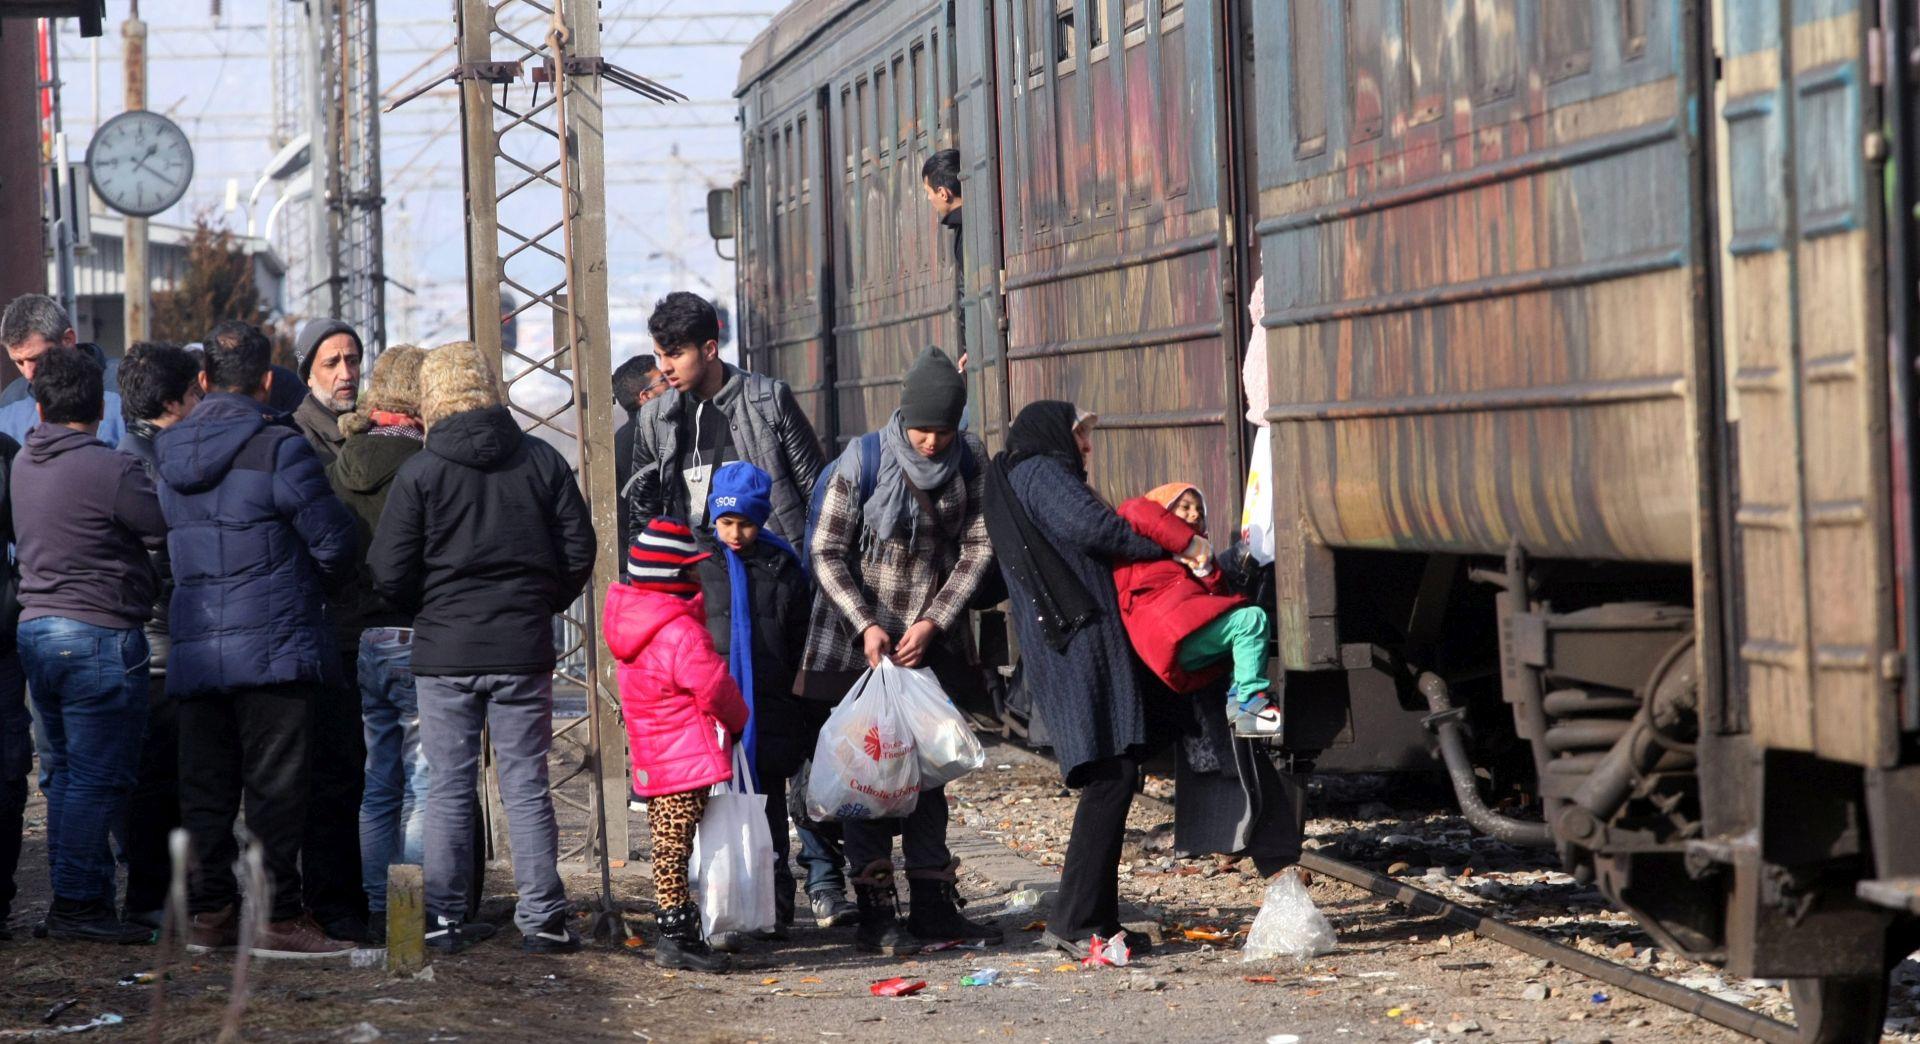 Dvoje migranta umrlo u Austriji skrivajući se u teretnom vlaku